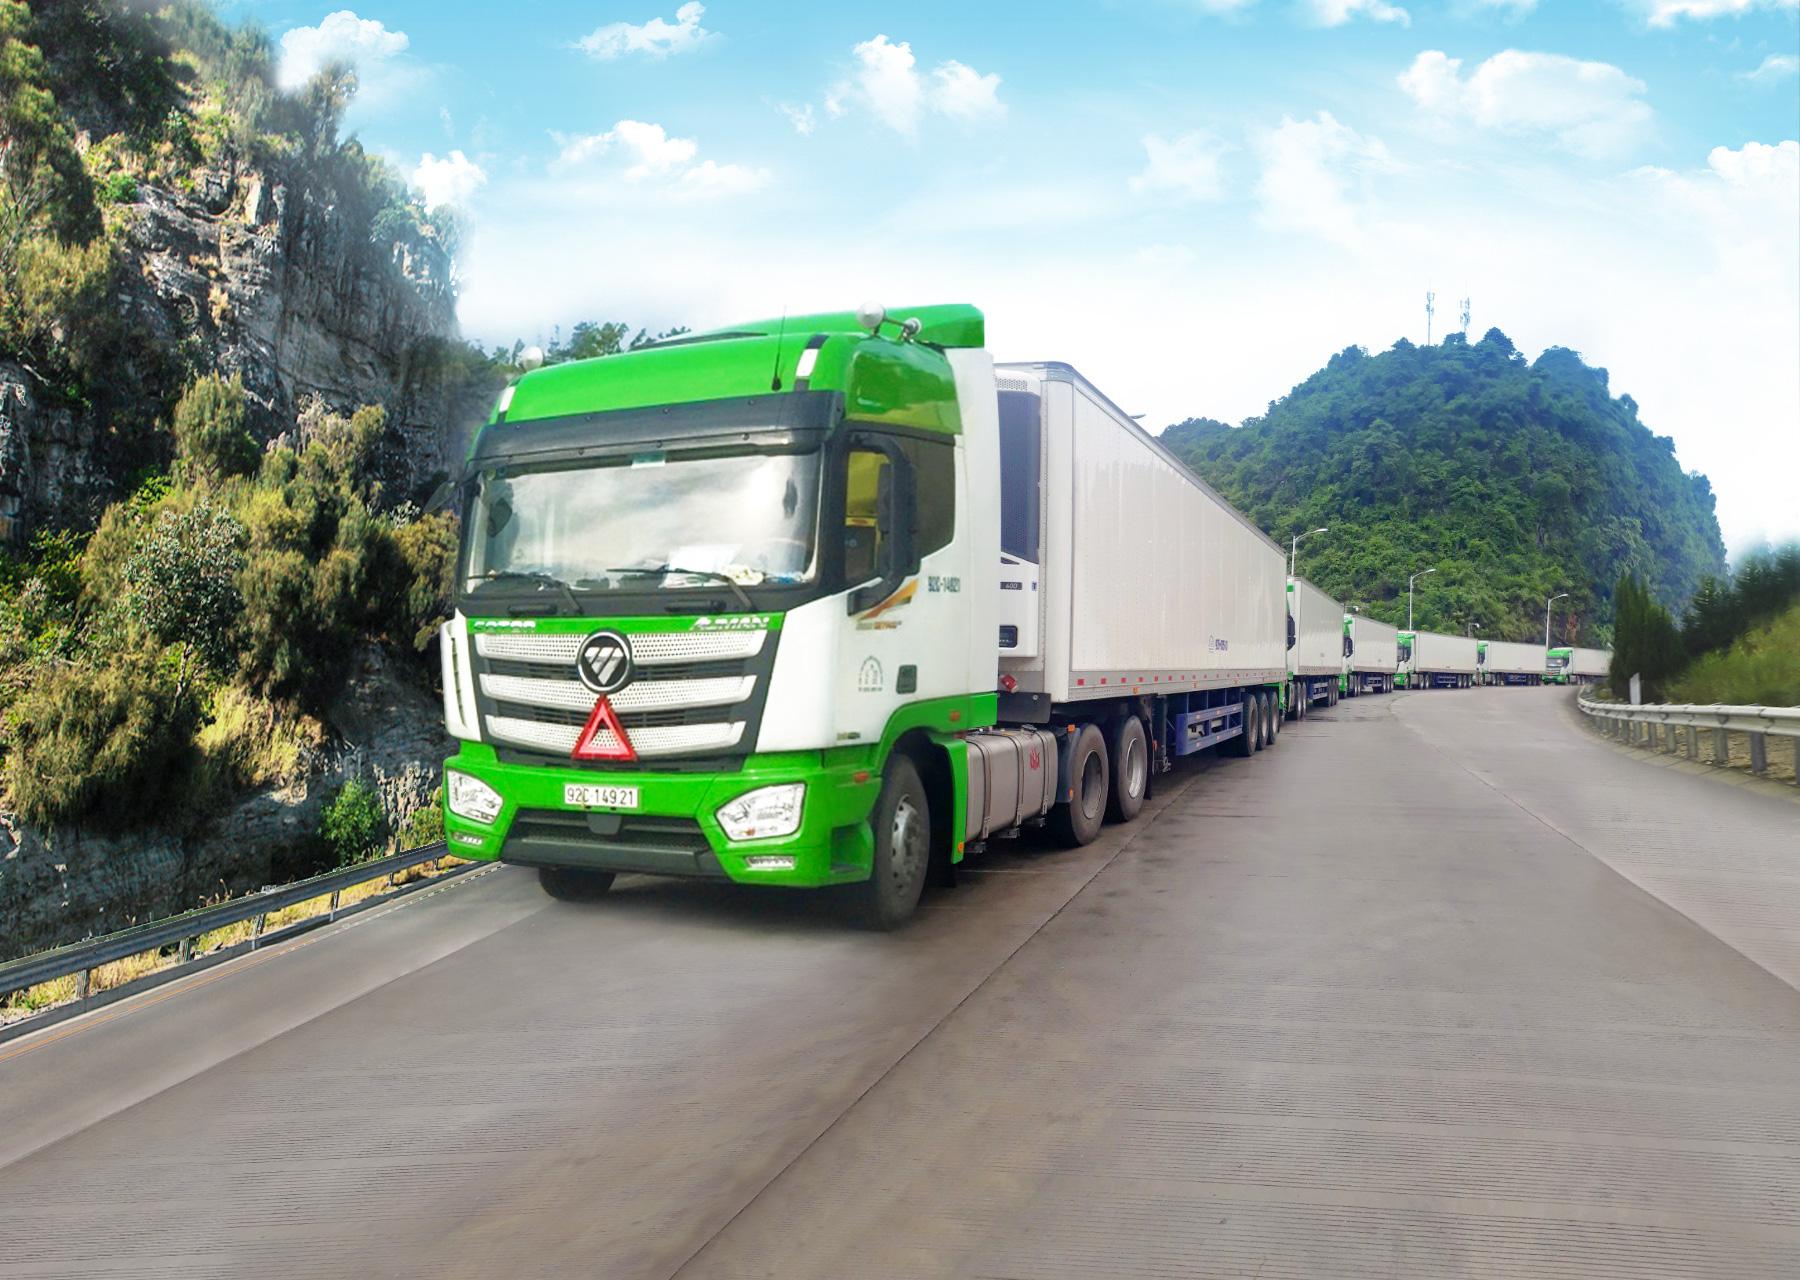 Dịch vụ logistics trọn gói của THILOGI: Giải pháp giúp doanh nghiệp tăng tính cạnh tranh - Ảnh 1.